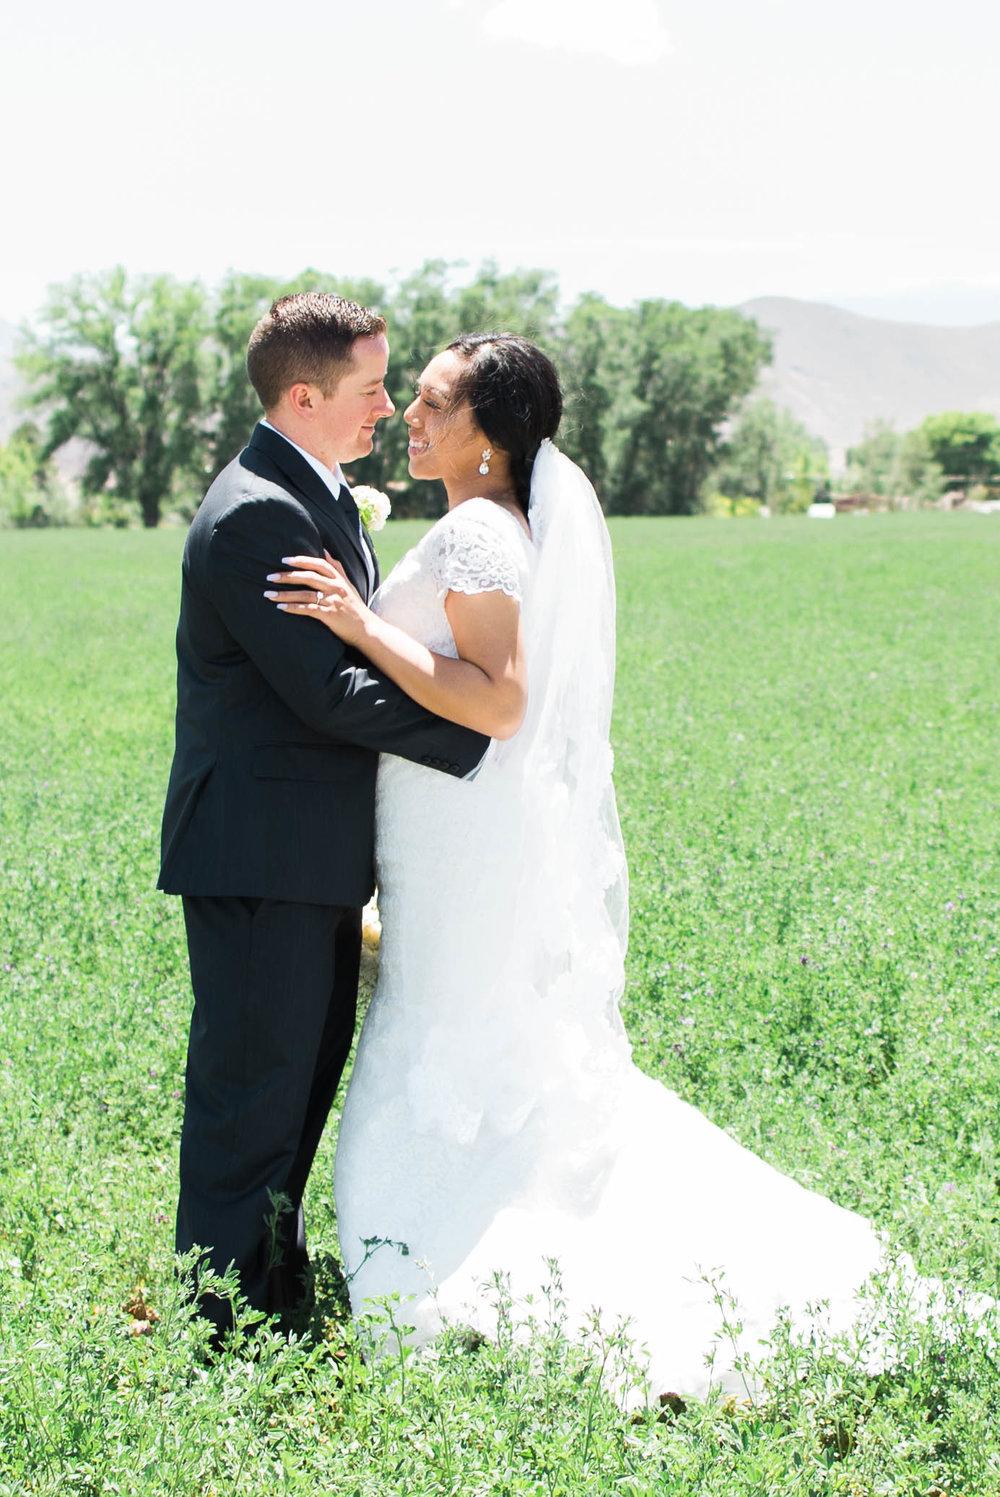 M+J-WEDDING-DAY-Sadie_Banks_Photography-427.jpg